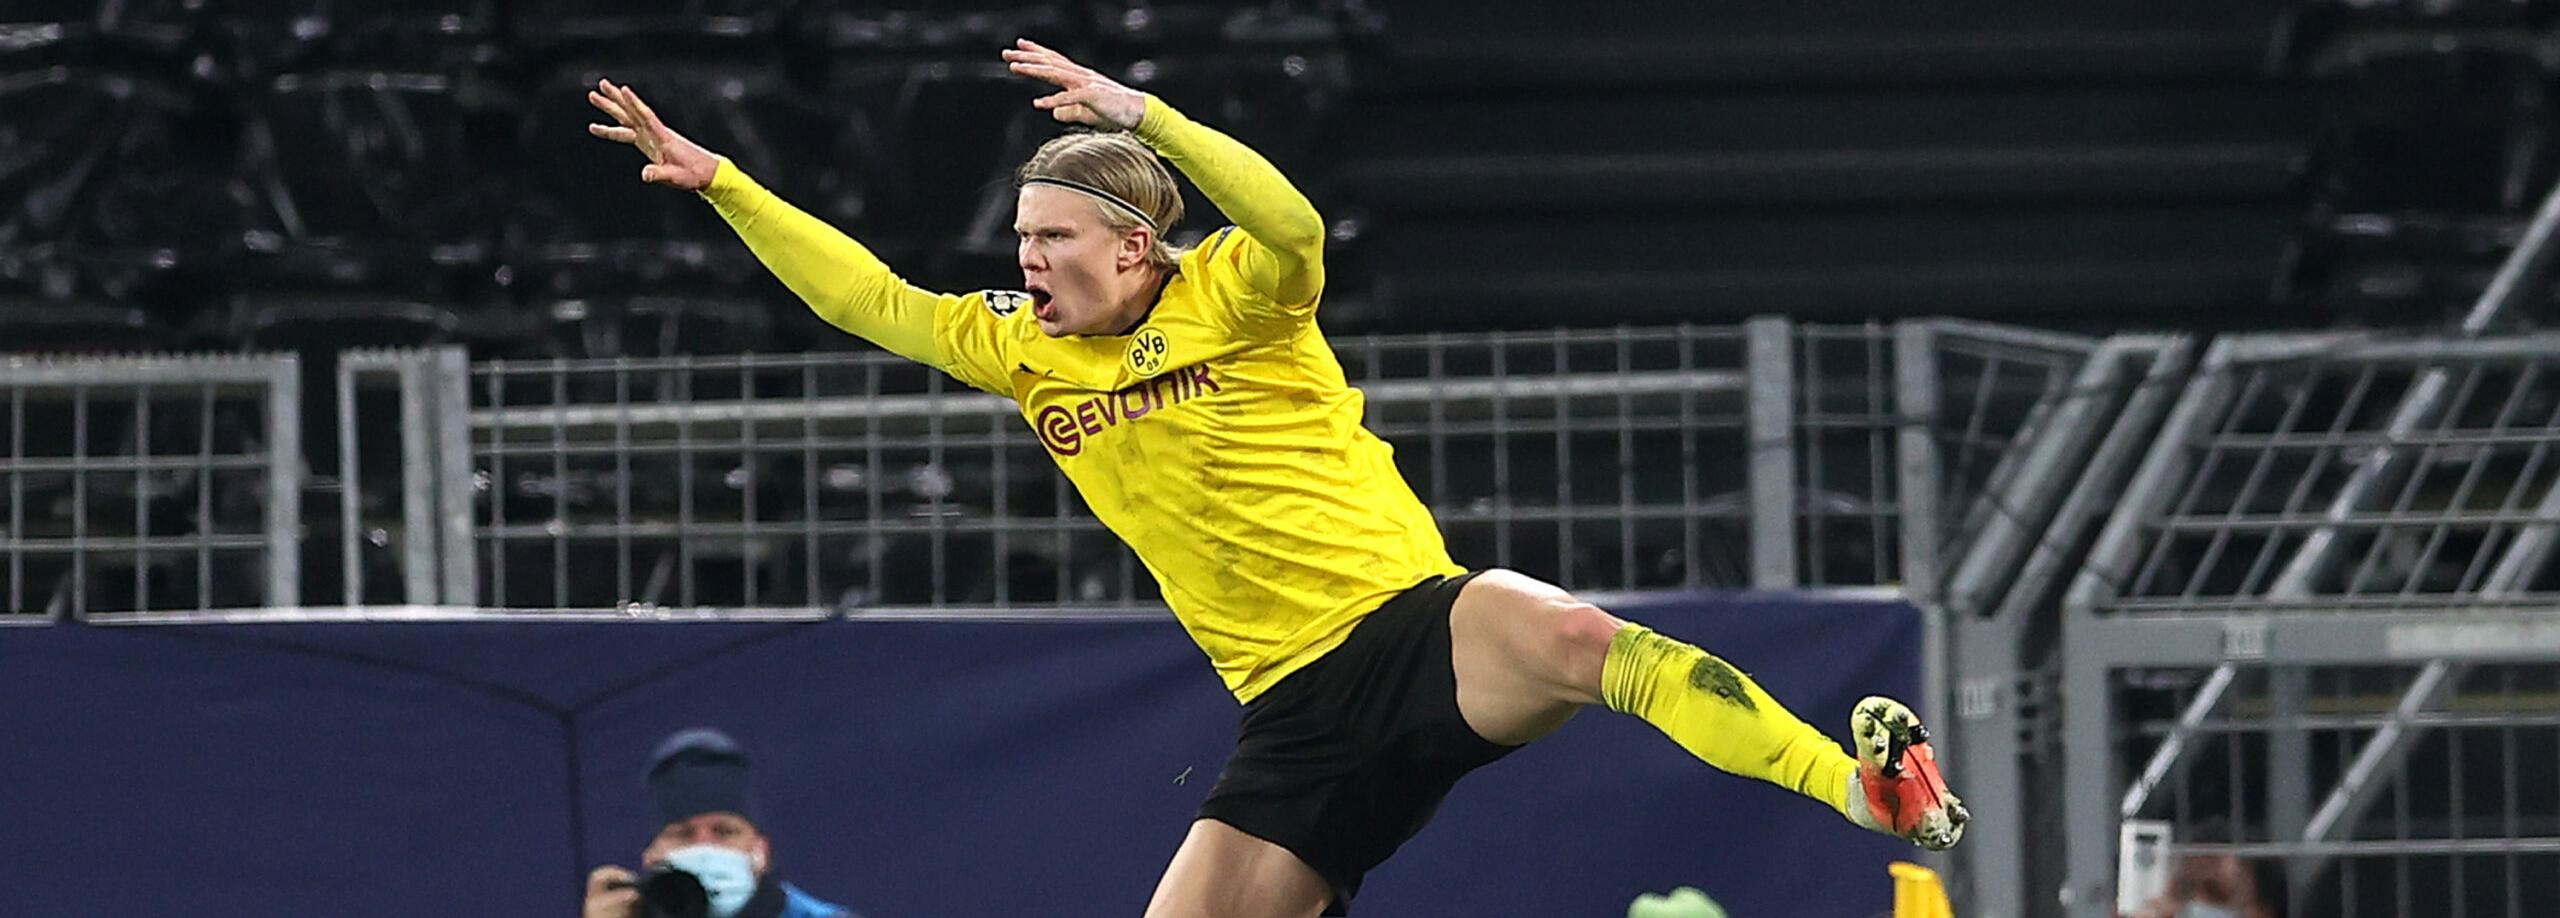 Capocannoniere Champions League: Haaland vede ormai il titolo, è quasi irraggiungibile